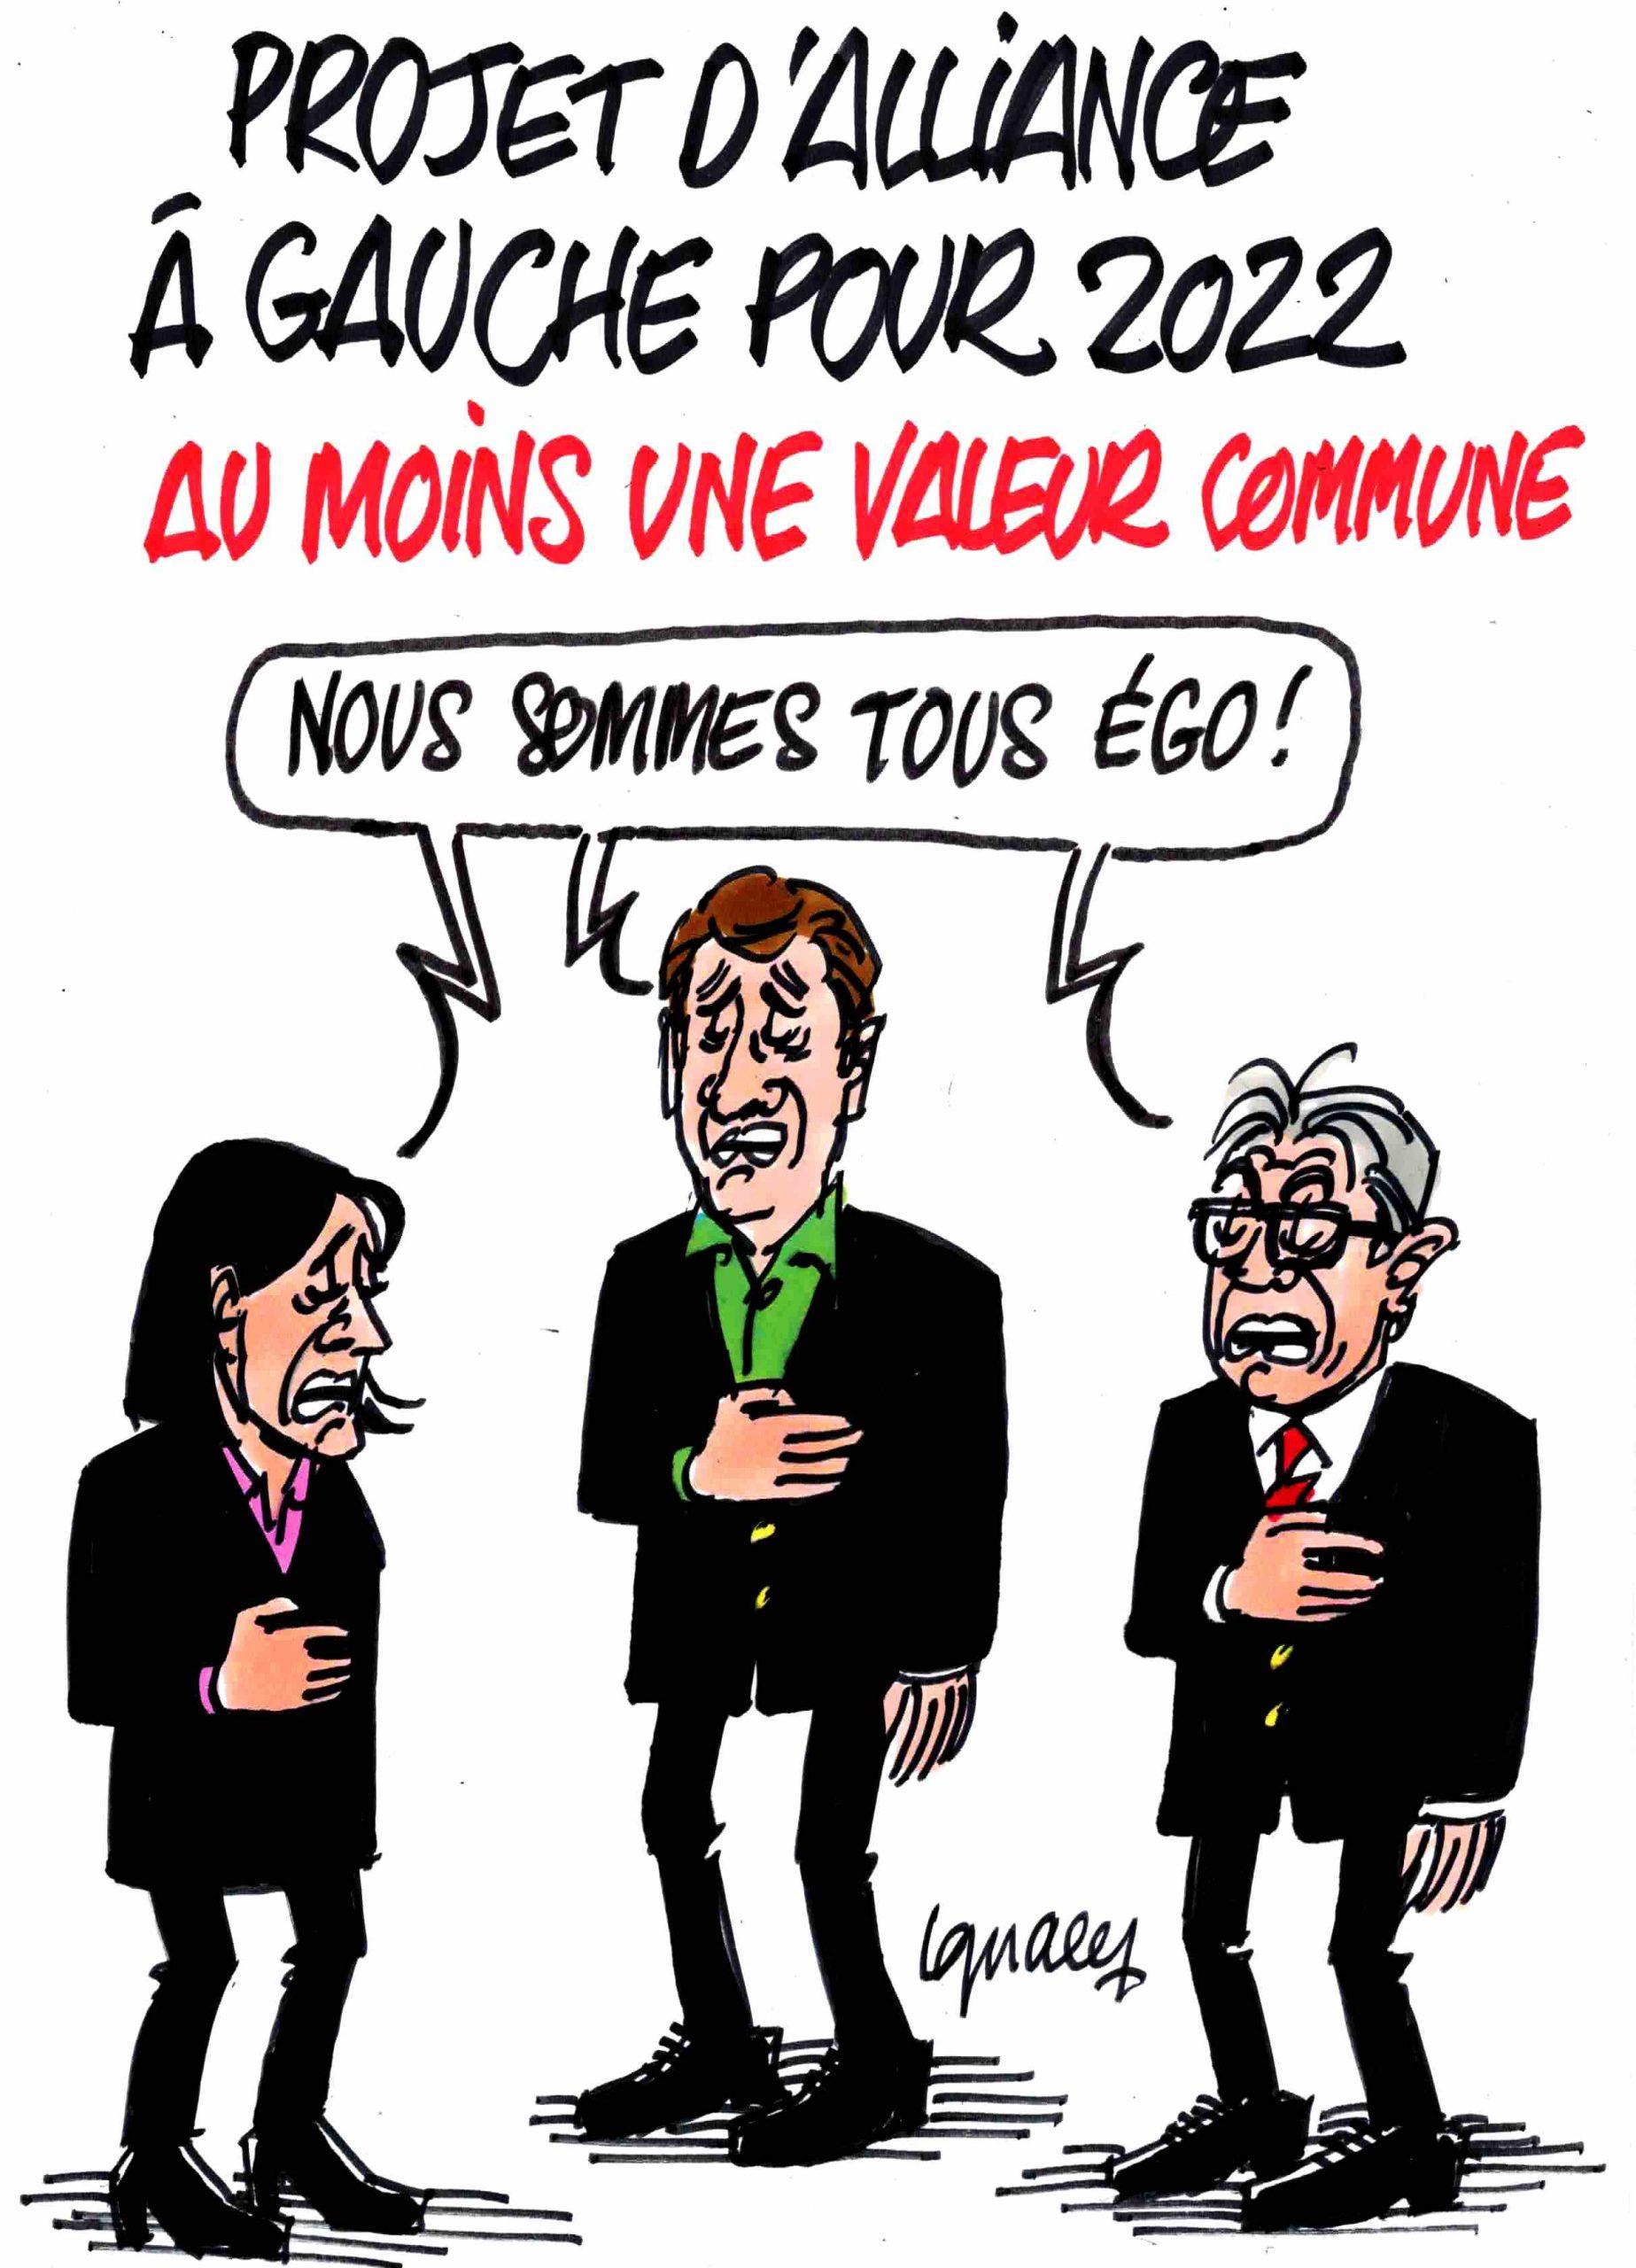 Ignace - Projet d'alliance à gauche pour 2022